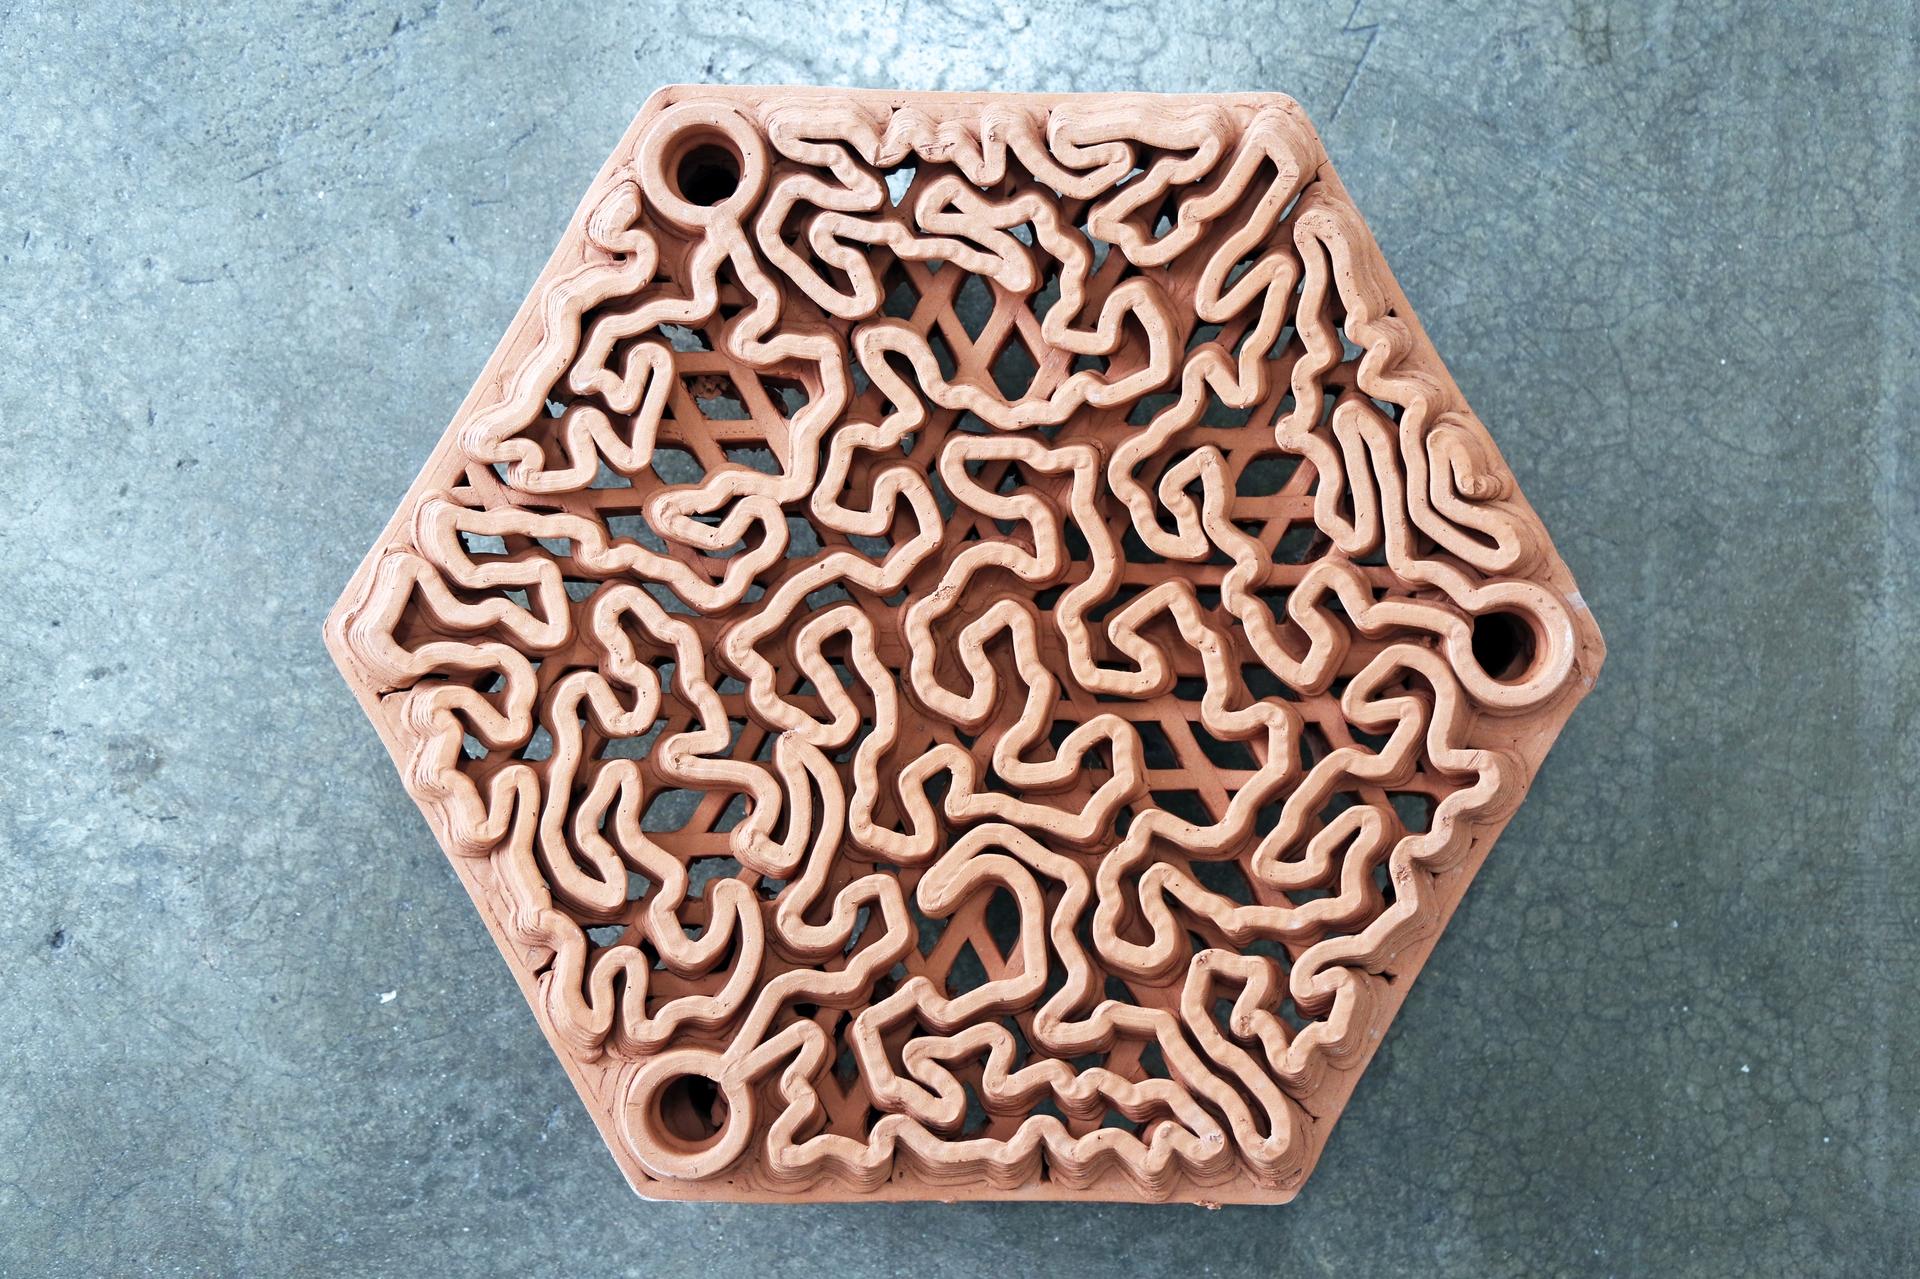 Reformative Coral Habitats | Reef Tiles